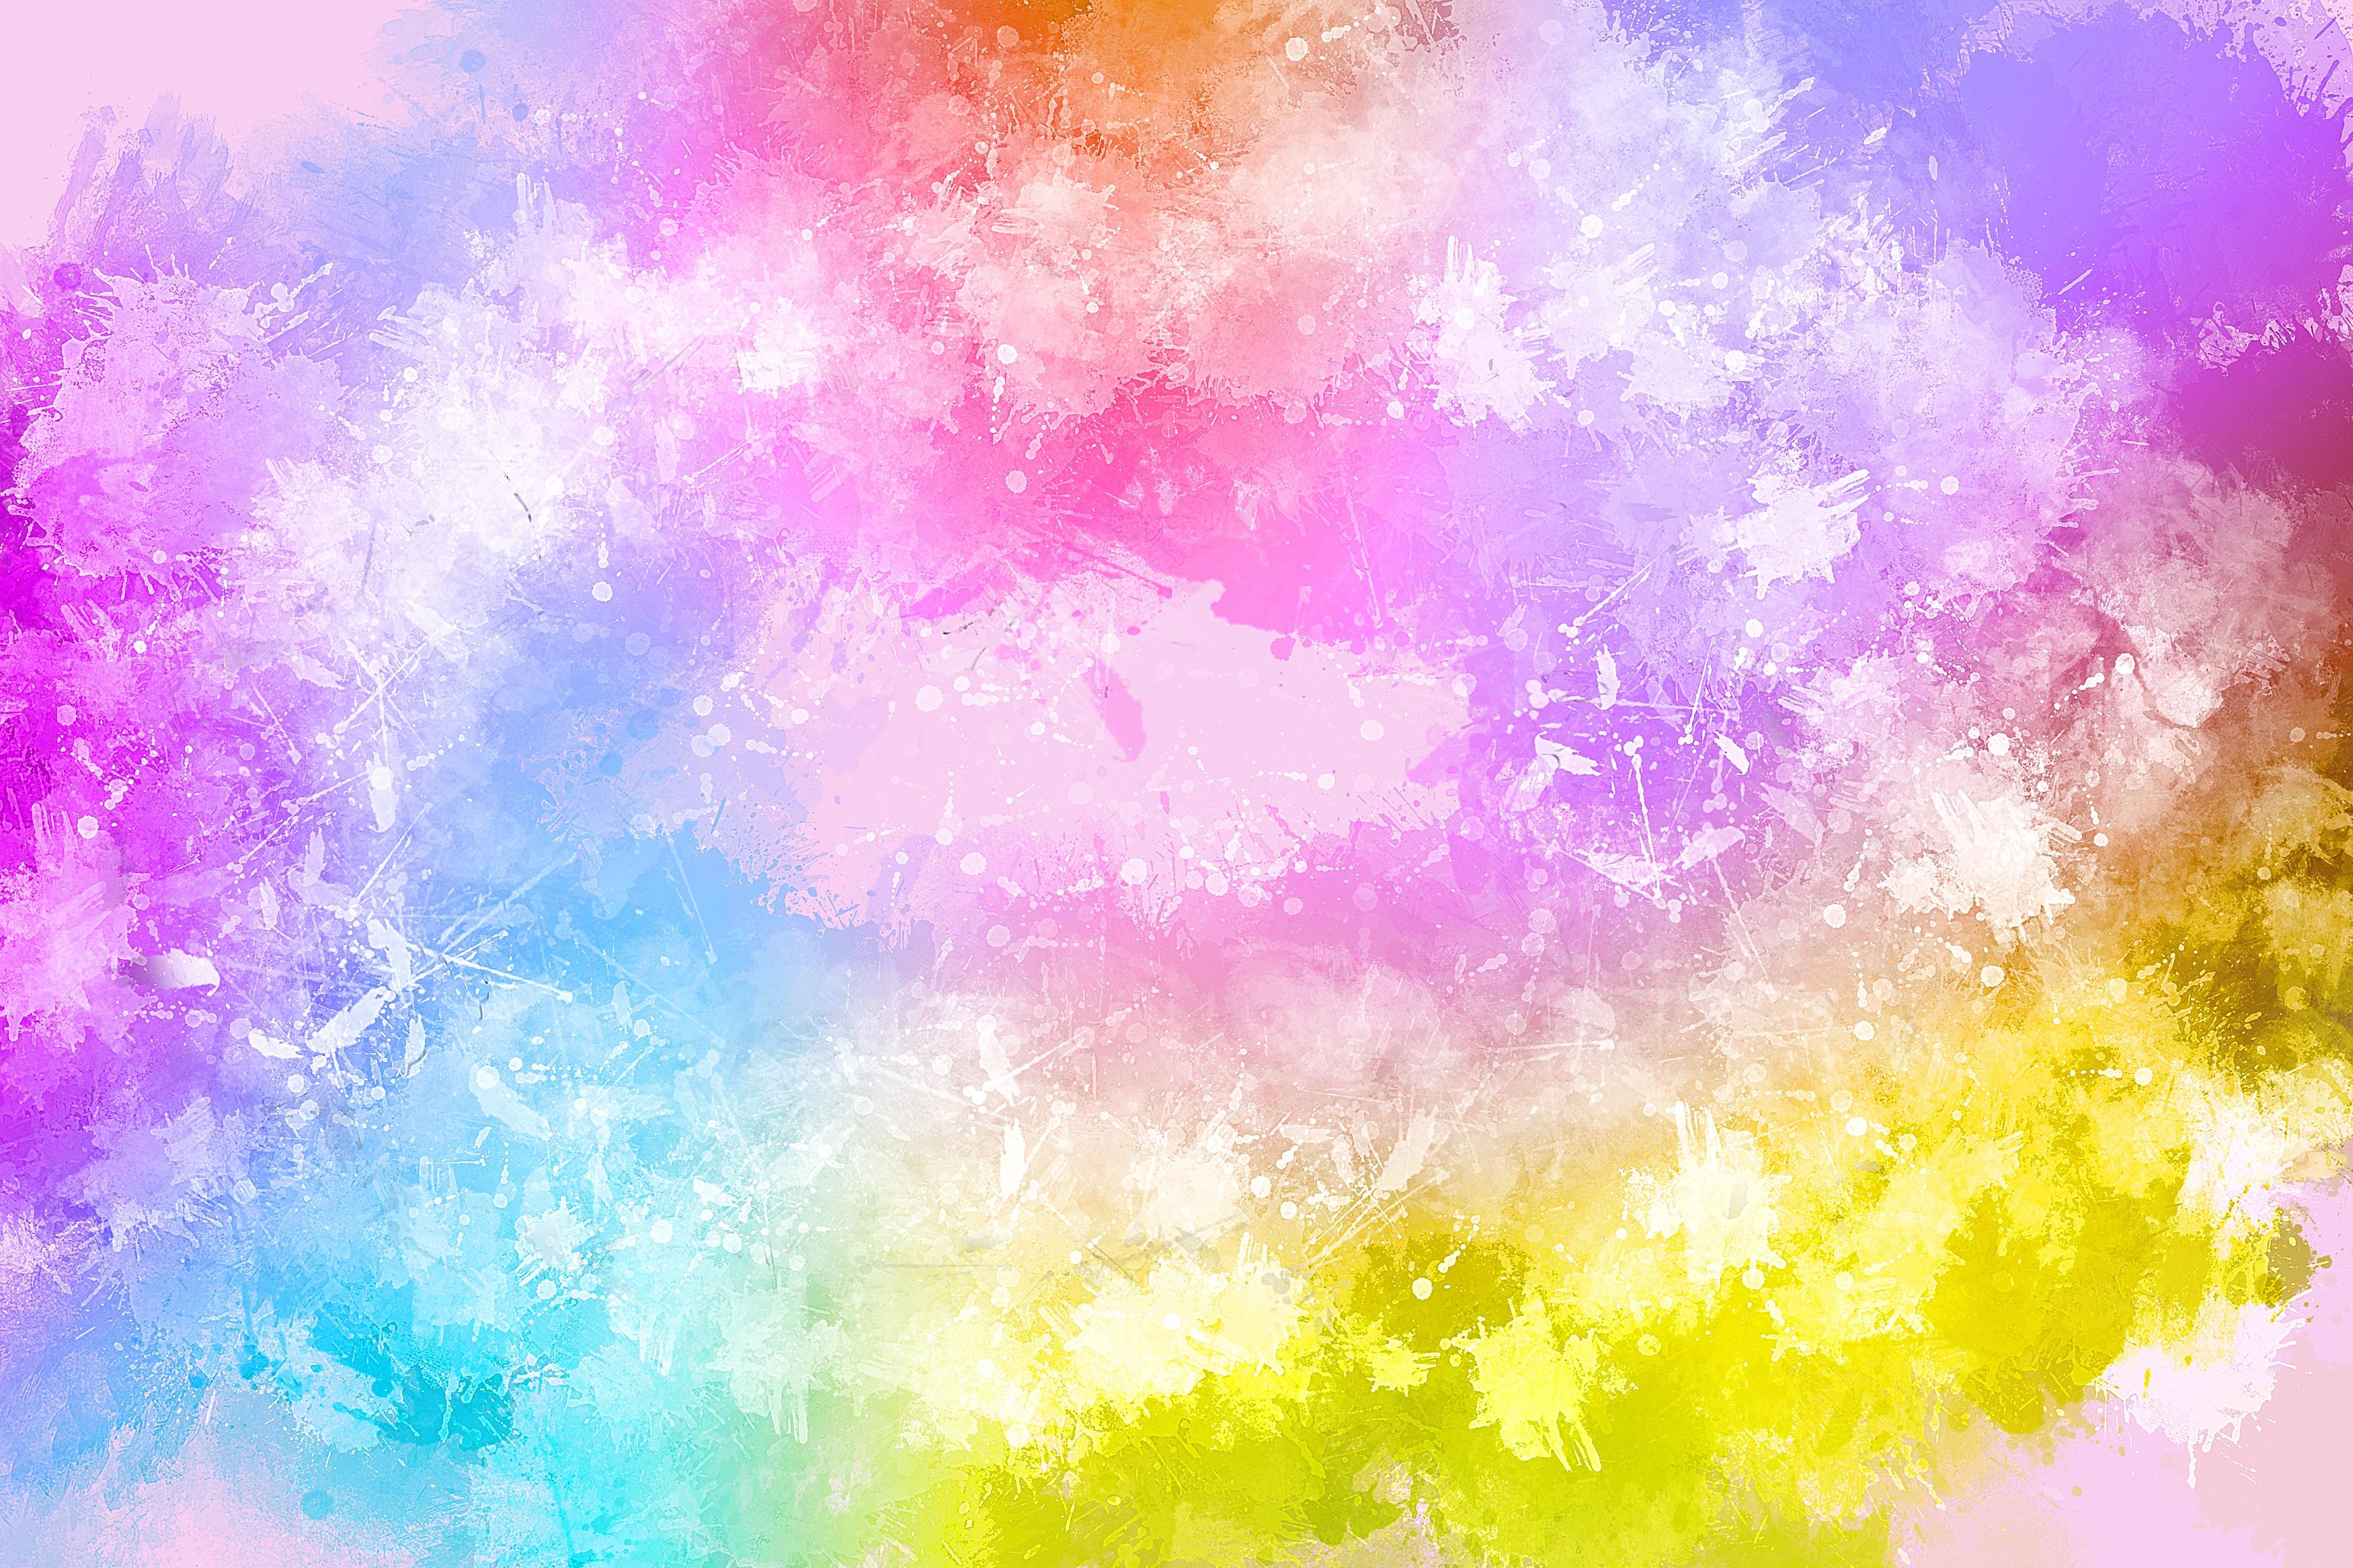 油彩抽象高清壁纸ps素材